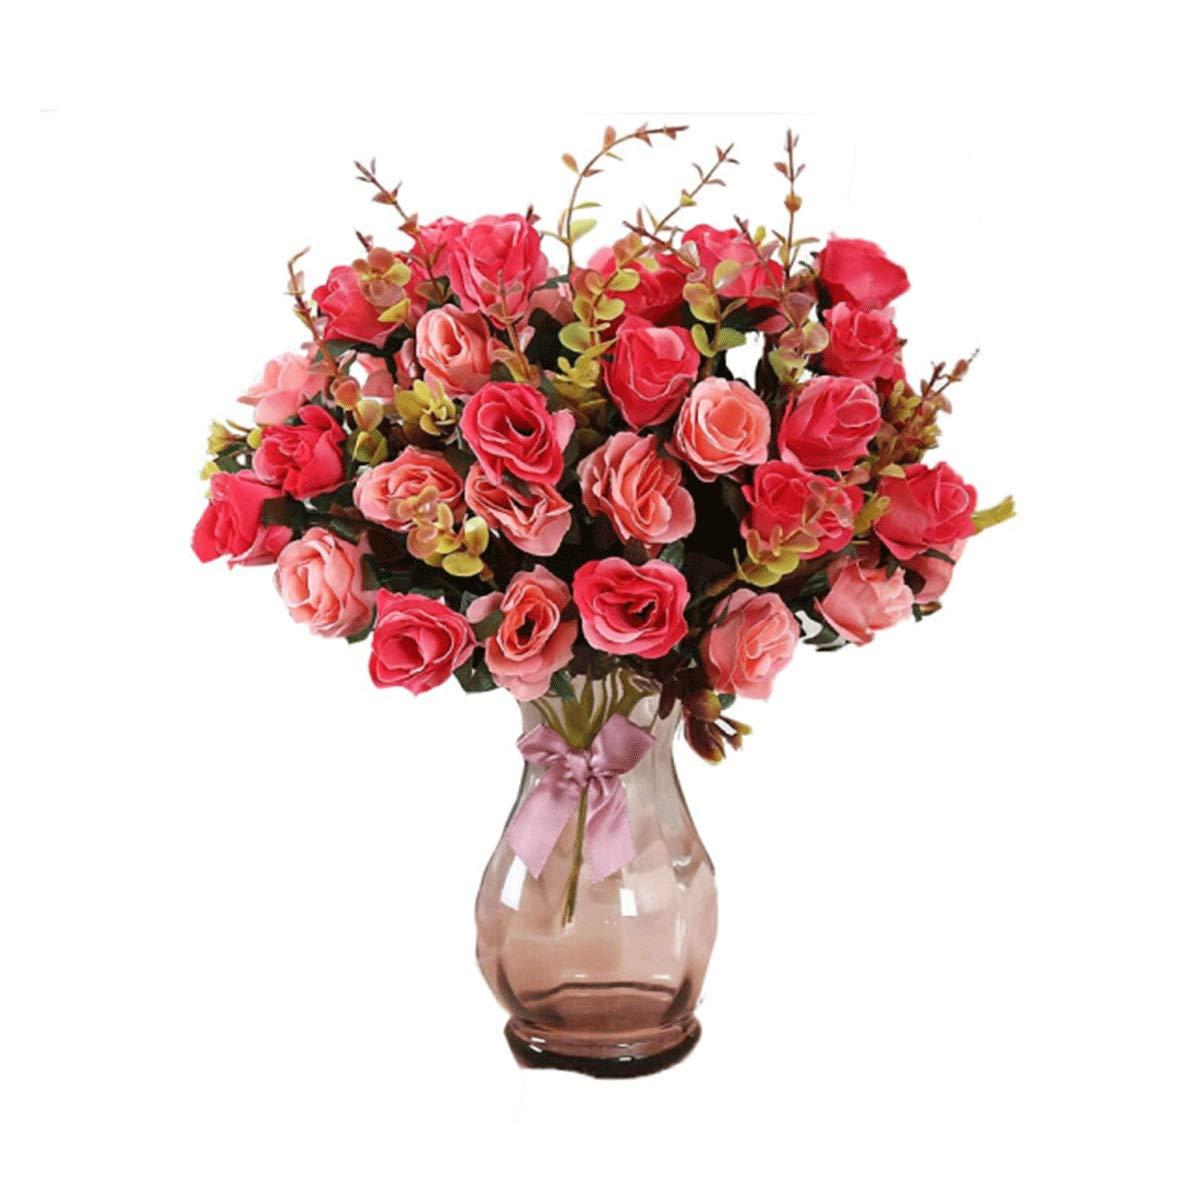 造花セット(花瓶付き)、偽花シミュレーションドライフラワーブーケ鉢植え-リビングルームテーブルコーヒーテーブルに使える花のフラワーデコレーション各種 (Color : Flower+vase H) B07SMYXKFL Flower+vase H